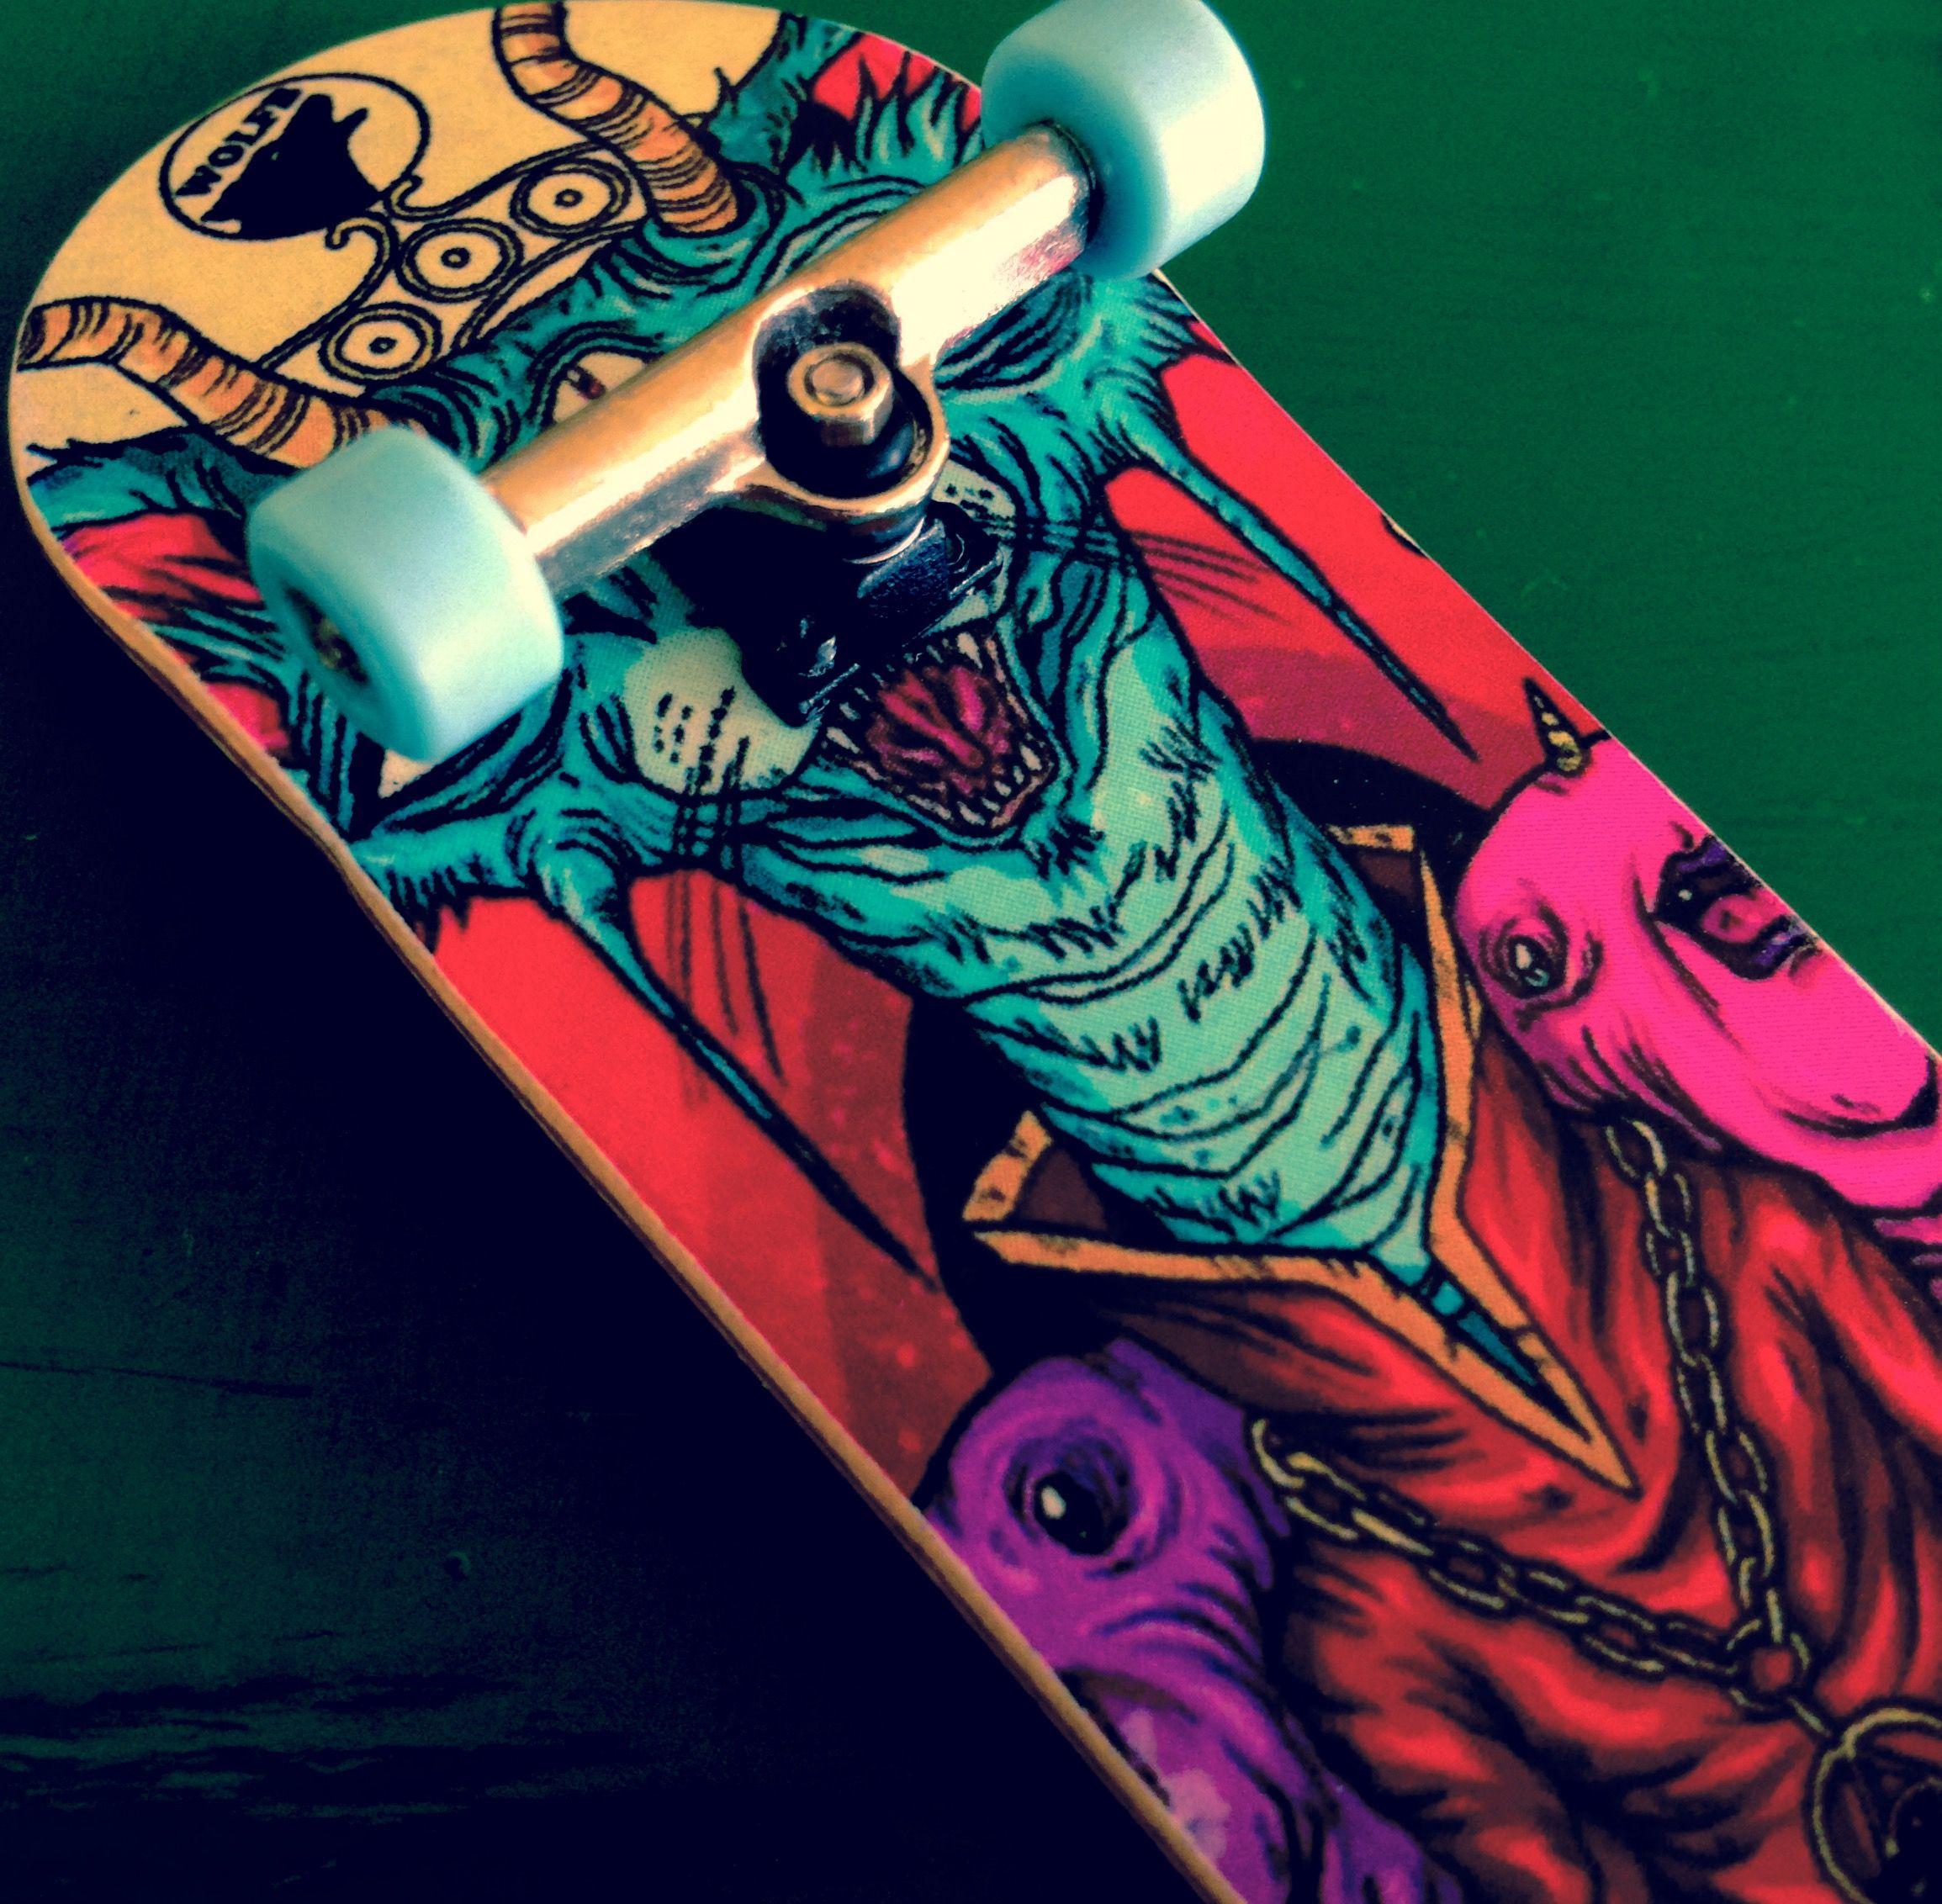 Fingerboard Tech deck, Skateboard, Anime